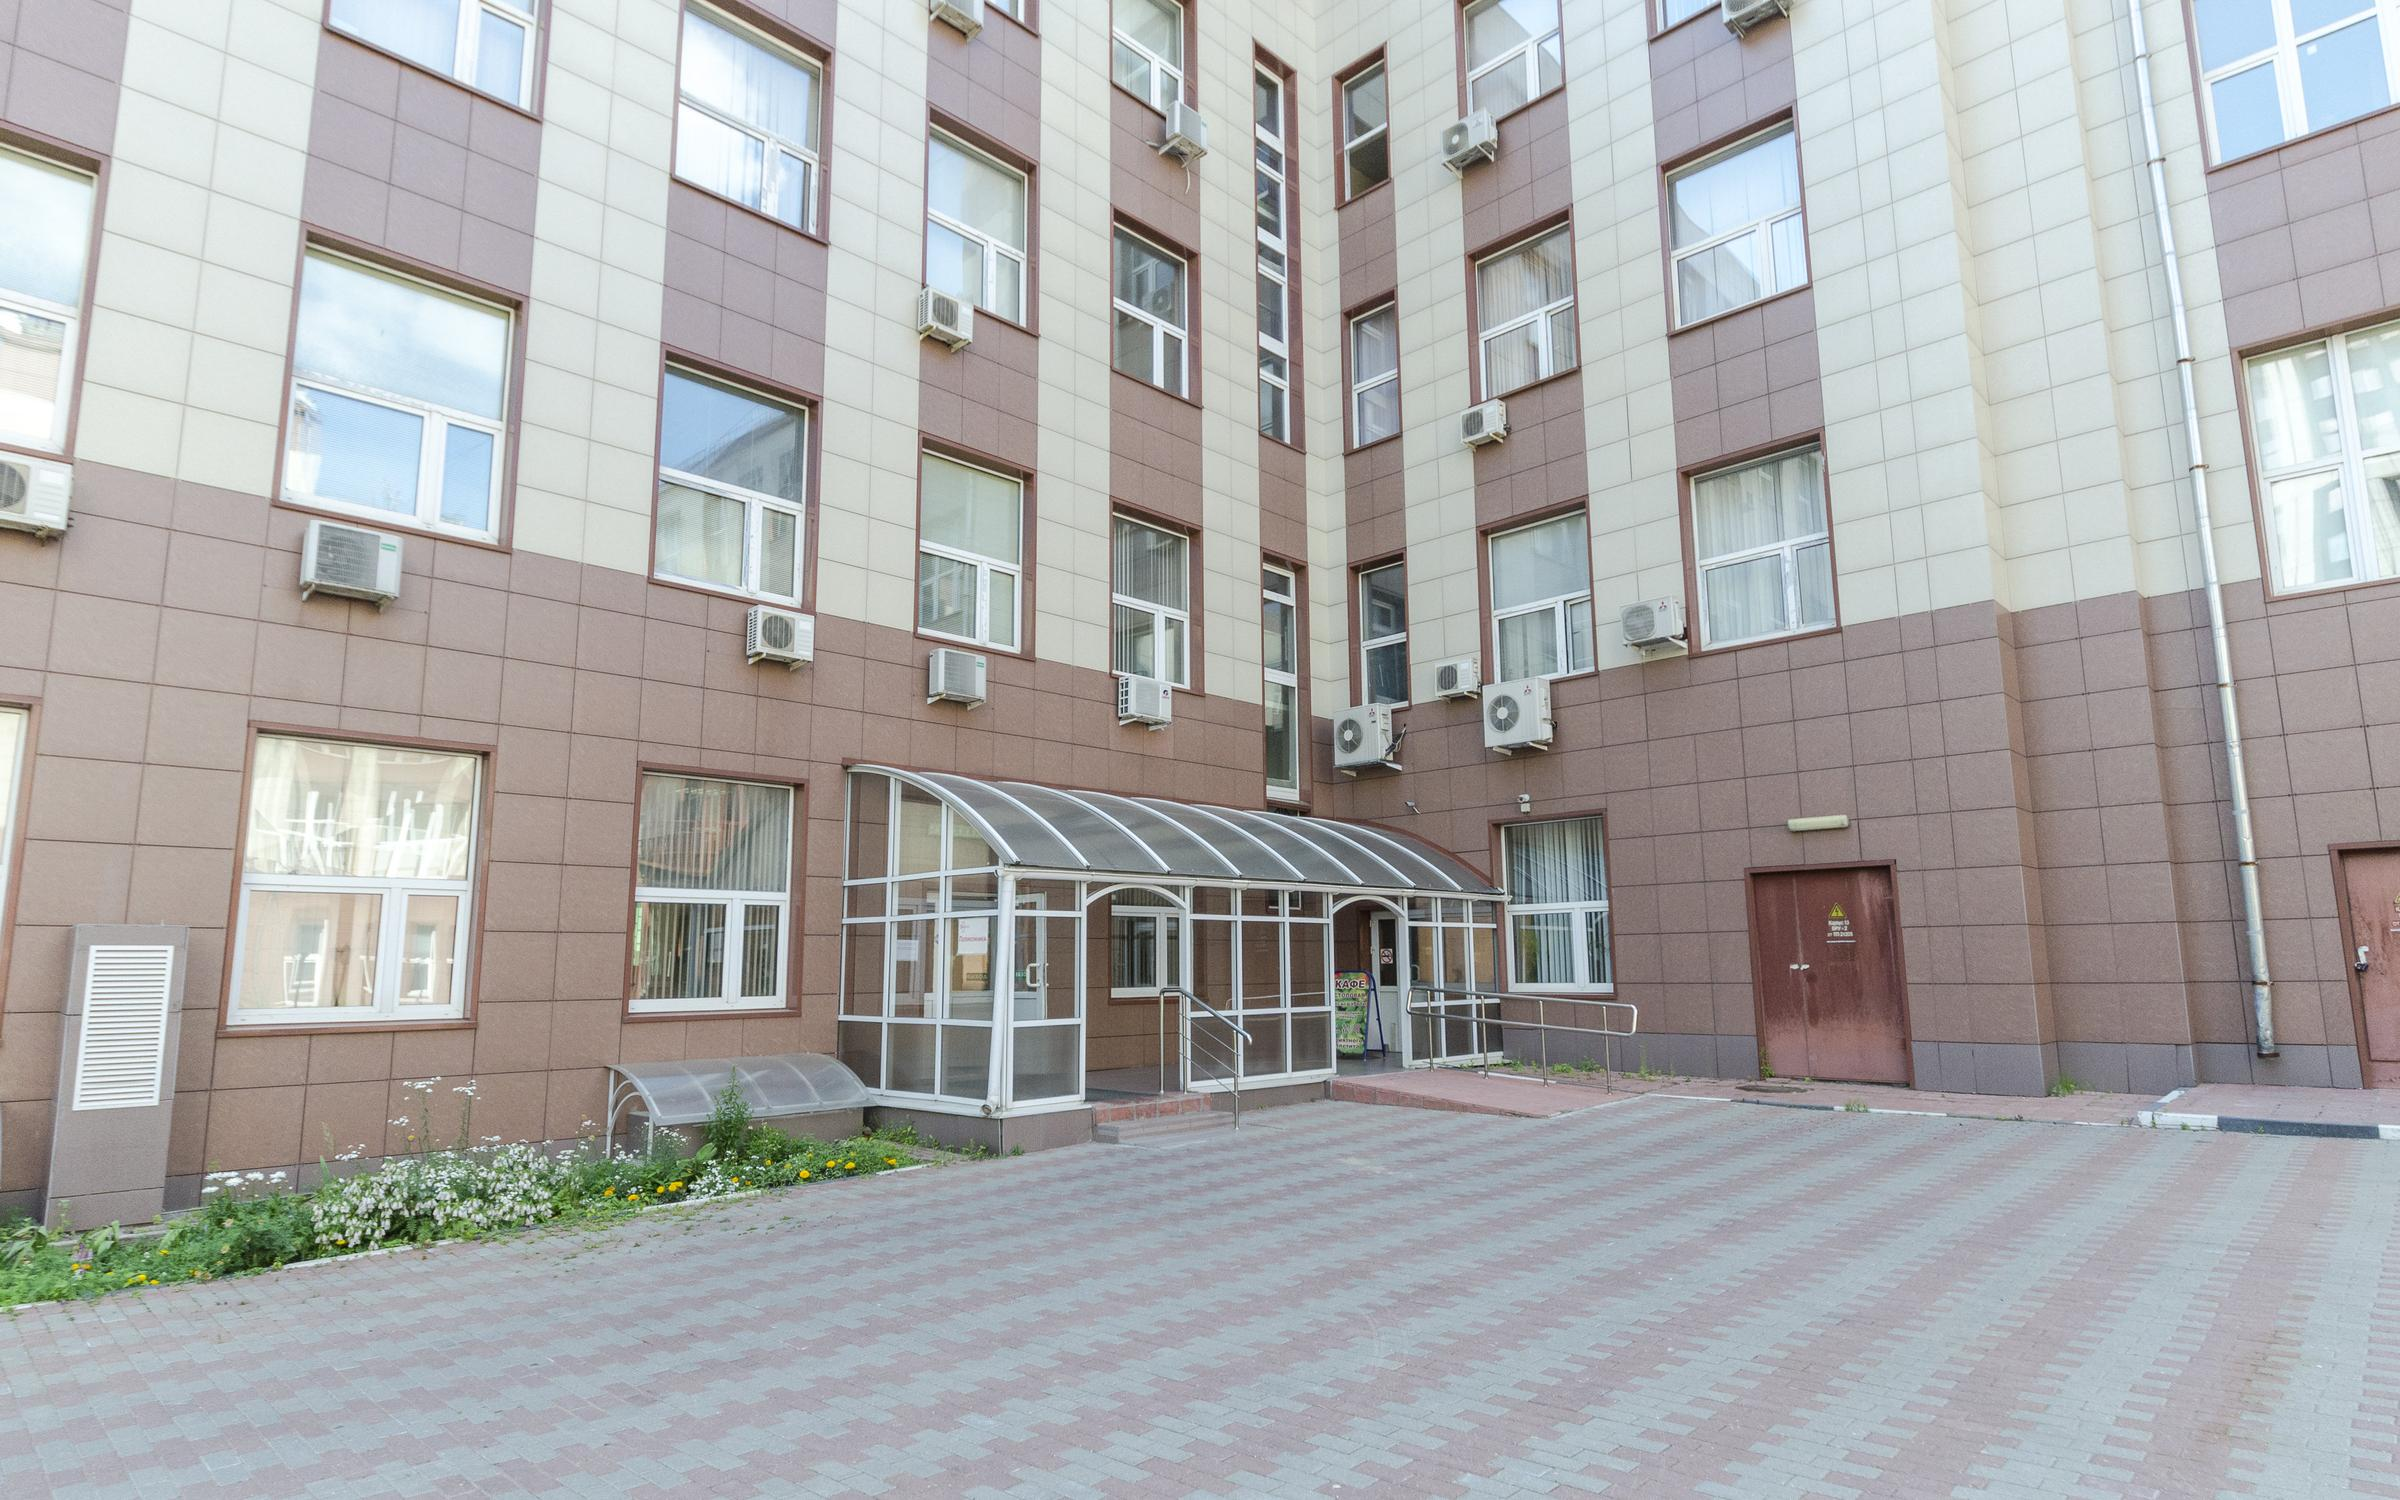 фотография Федерального медицинского центра Росимущества на Каланчёвской улице